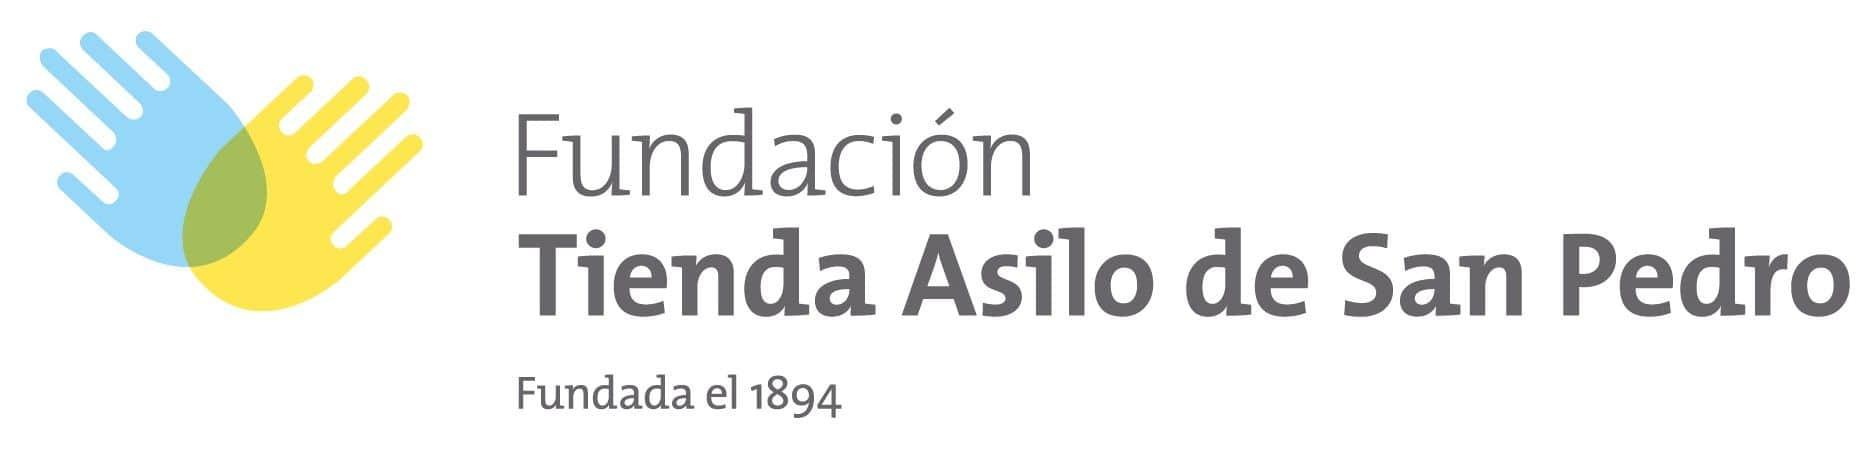 Logo fundación tienda asilo de san pedro